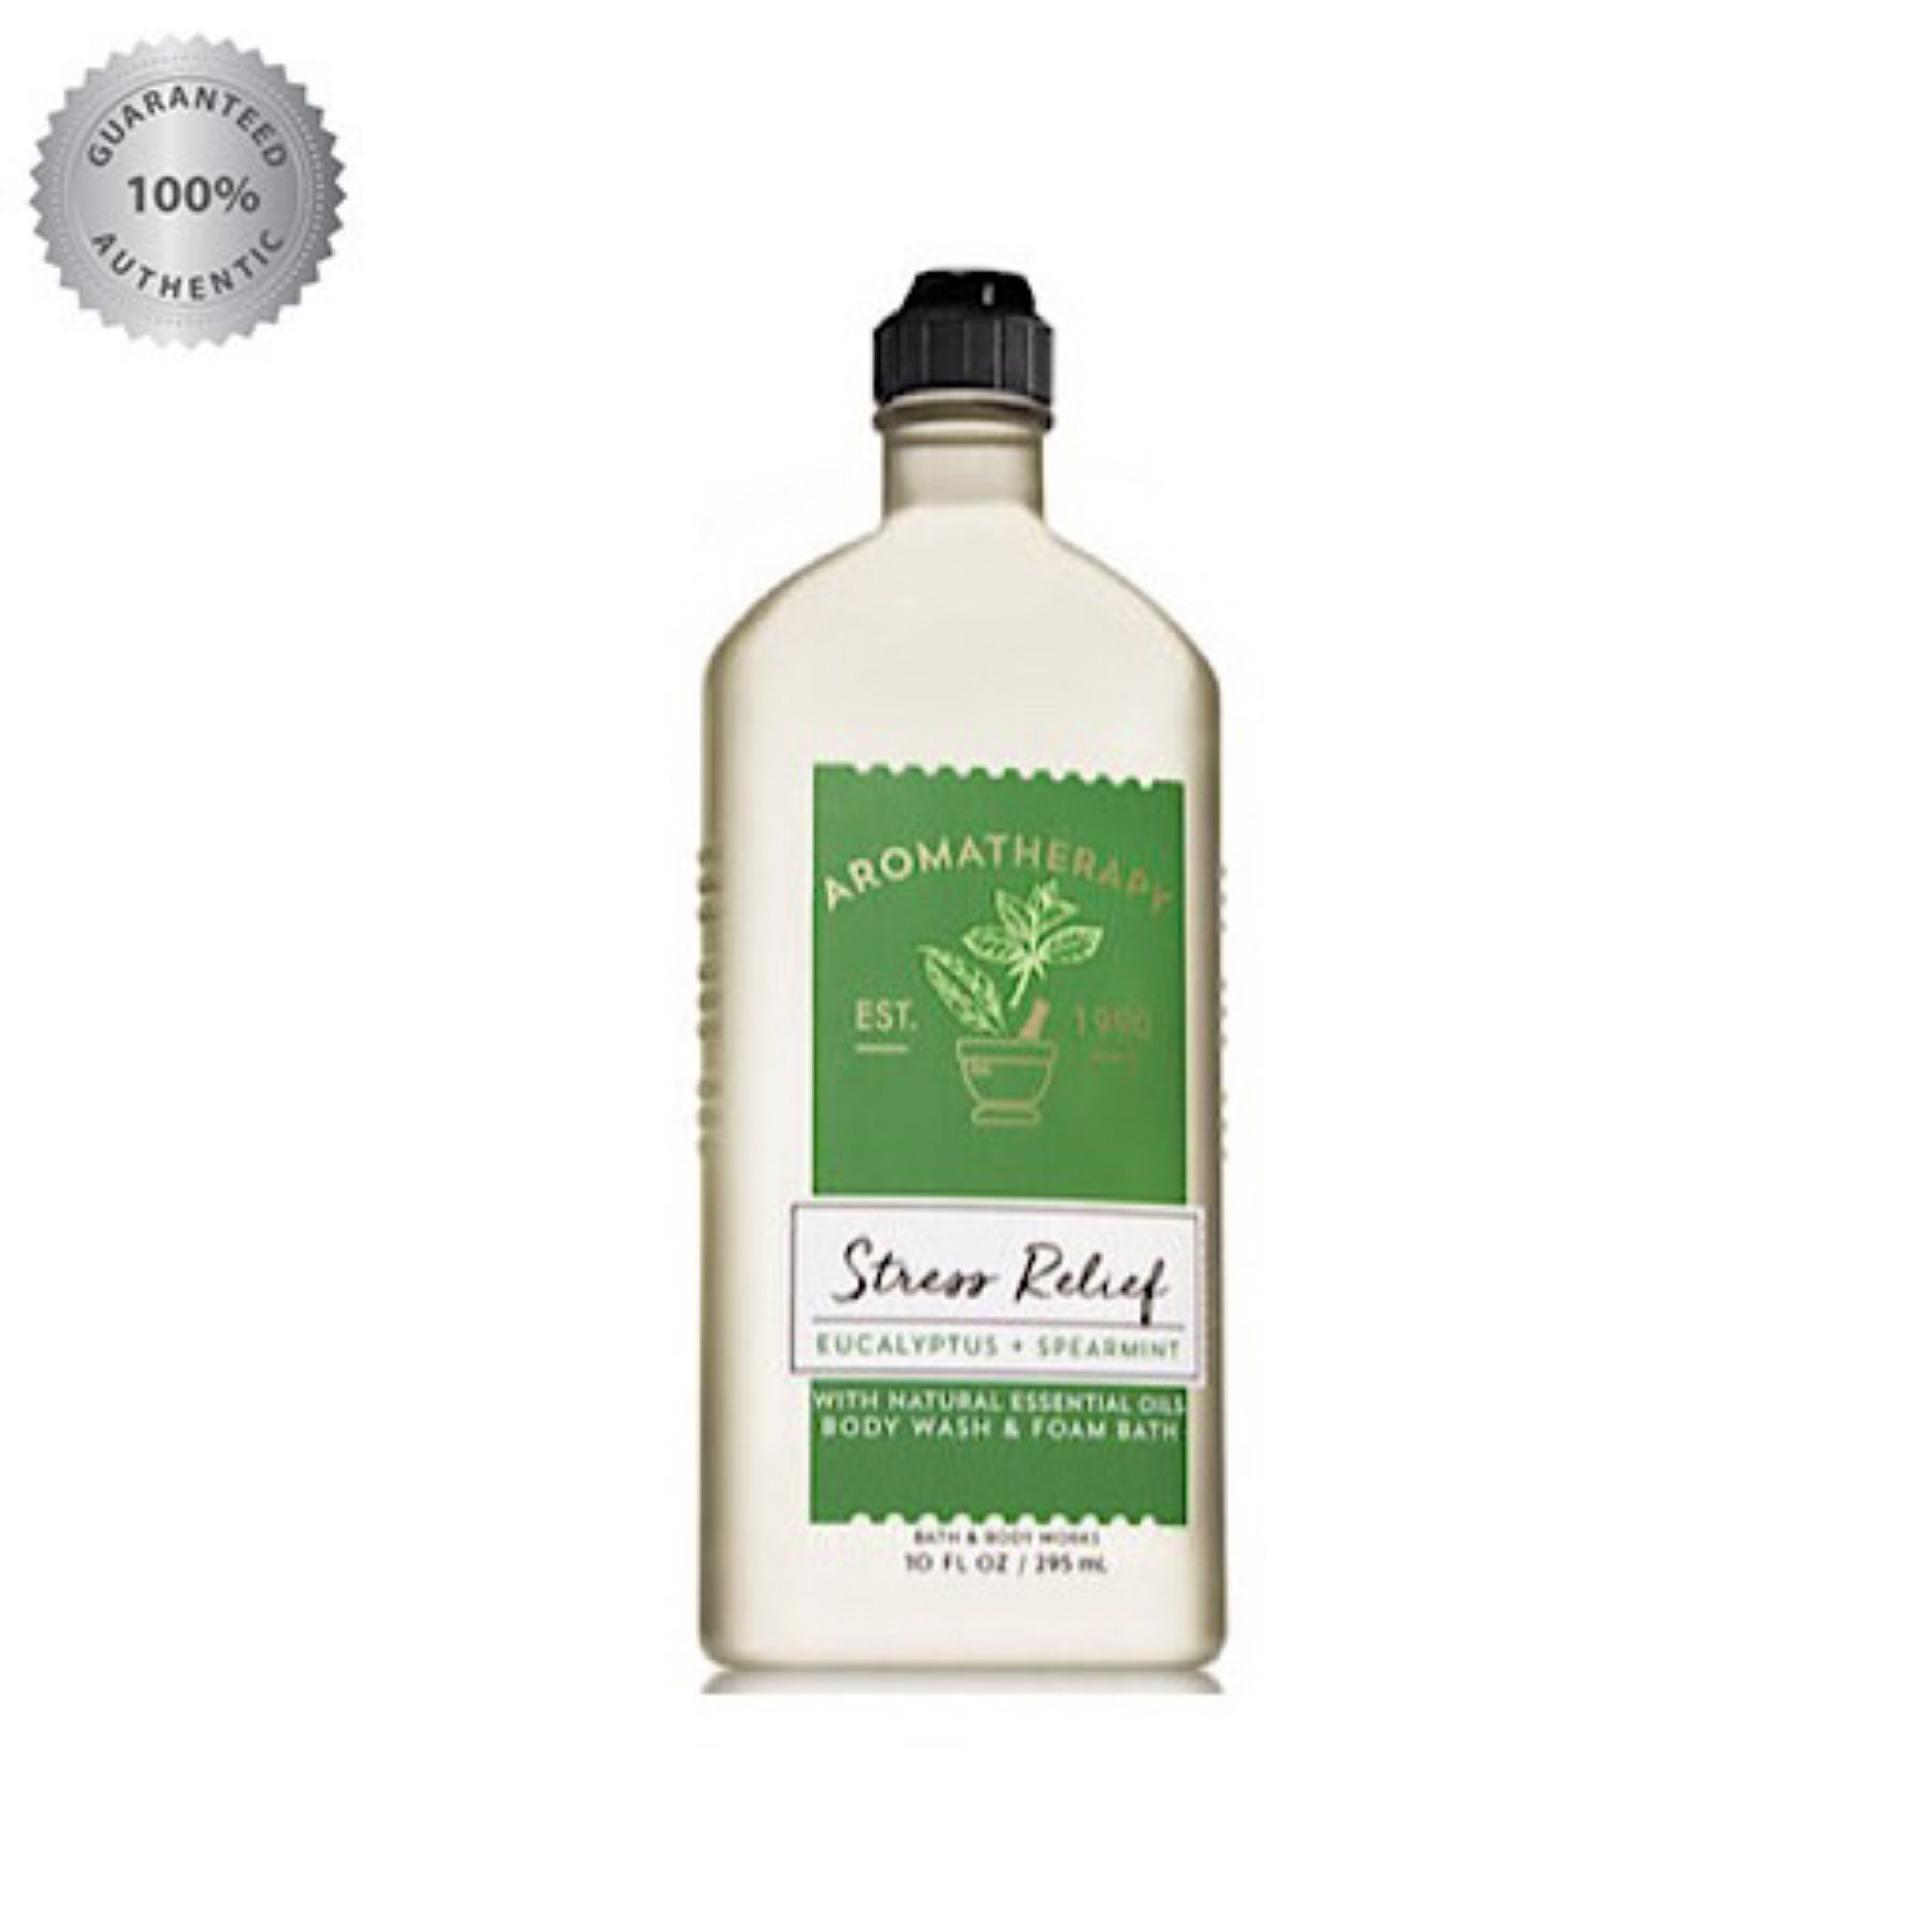 aae5792fb4201 Aromatherapy STRESS RELIEF - EUCALYPTUS   SPEARMINT Body Wash   Foam Bath  295ML